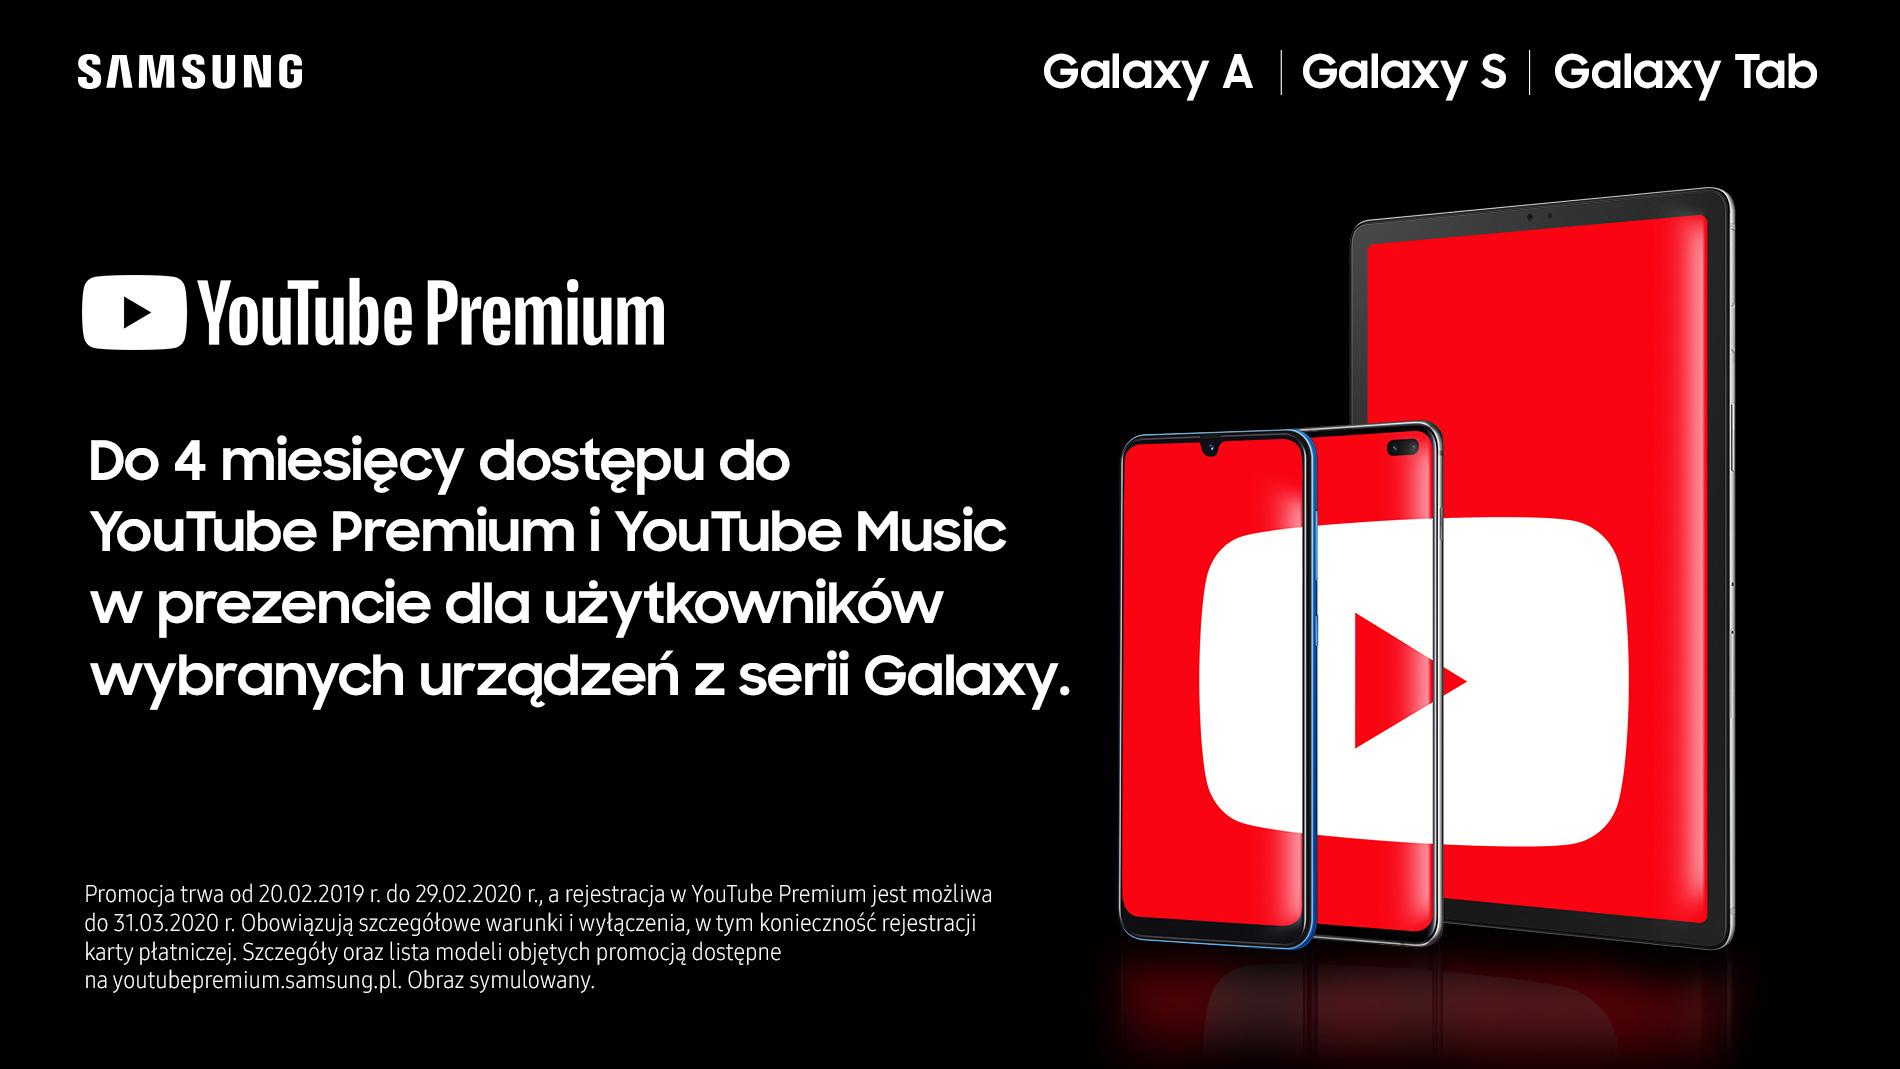 Posiadacze wybranych urz±dzeñ Samsung Galaxy otrzymaj± darmowe miesi±ce us³ugi YouTube Premium